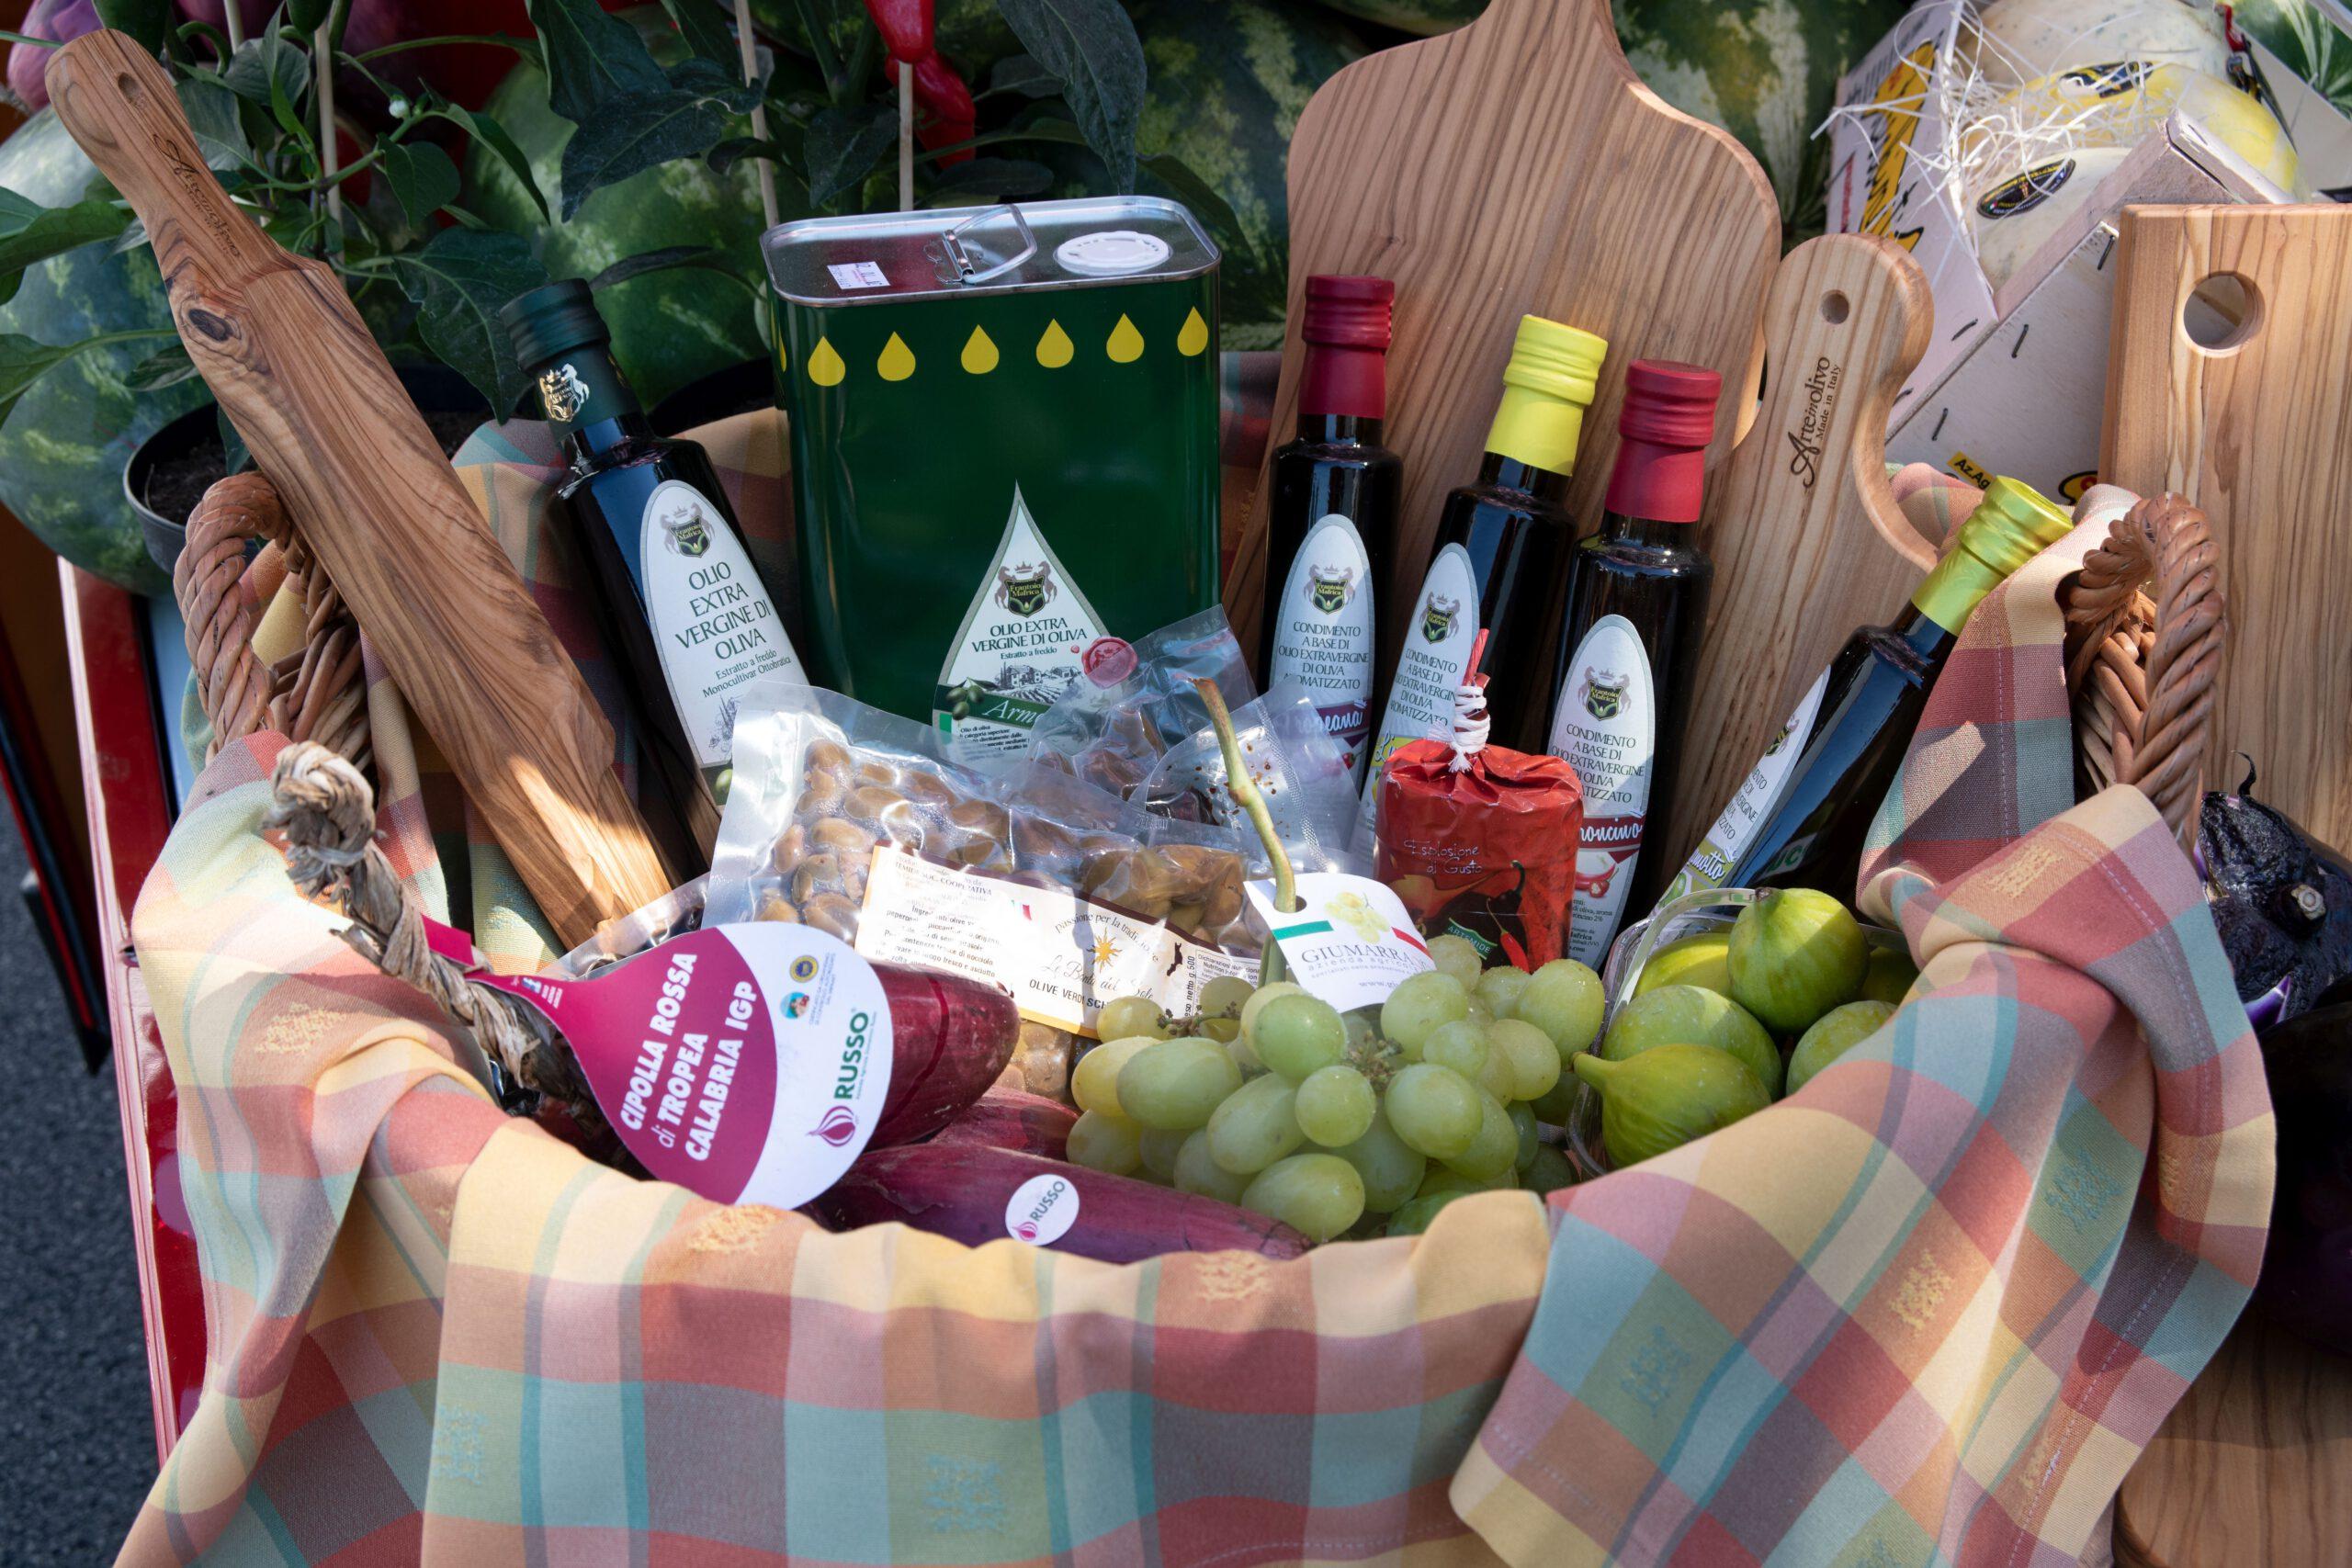 Cuore del Suds Produktauswahl - Olivenöle, Tropeazwiebeln, Trauben, Datteln, Melonen und vieles mehr